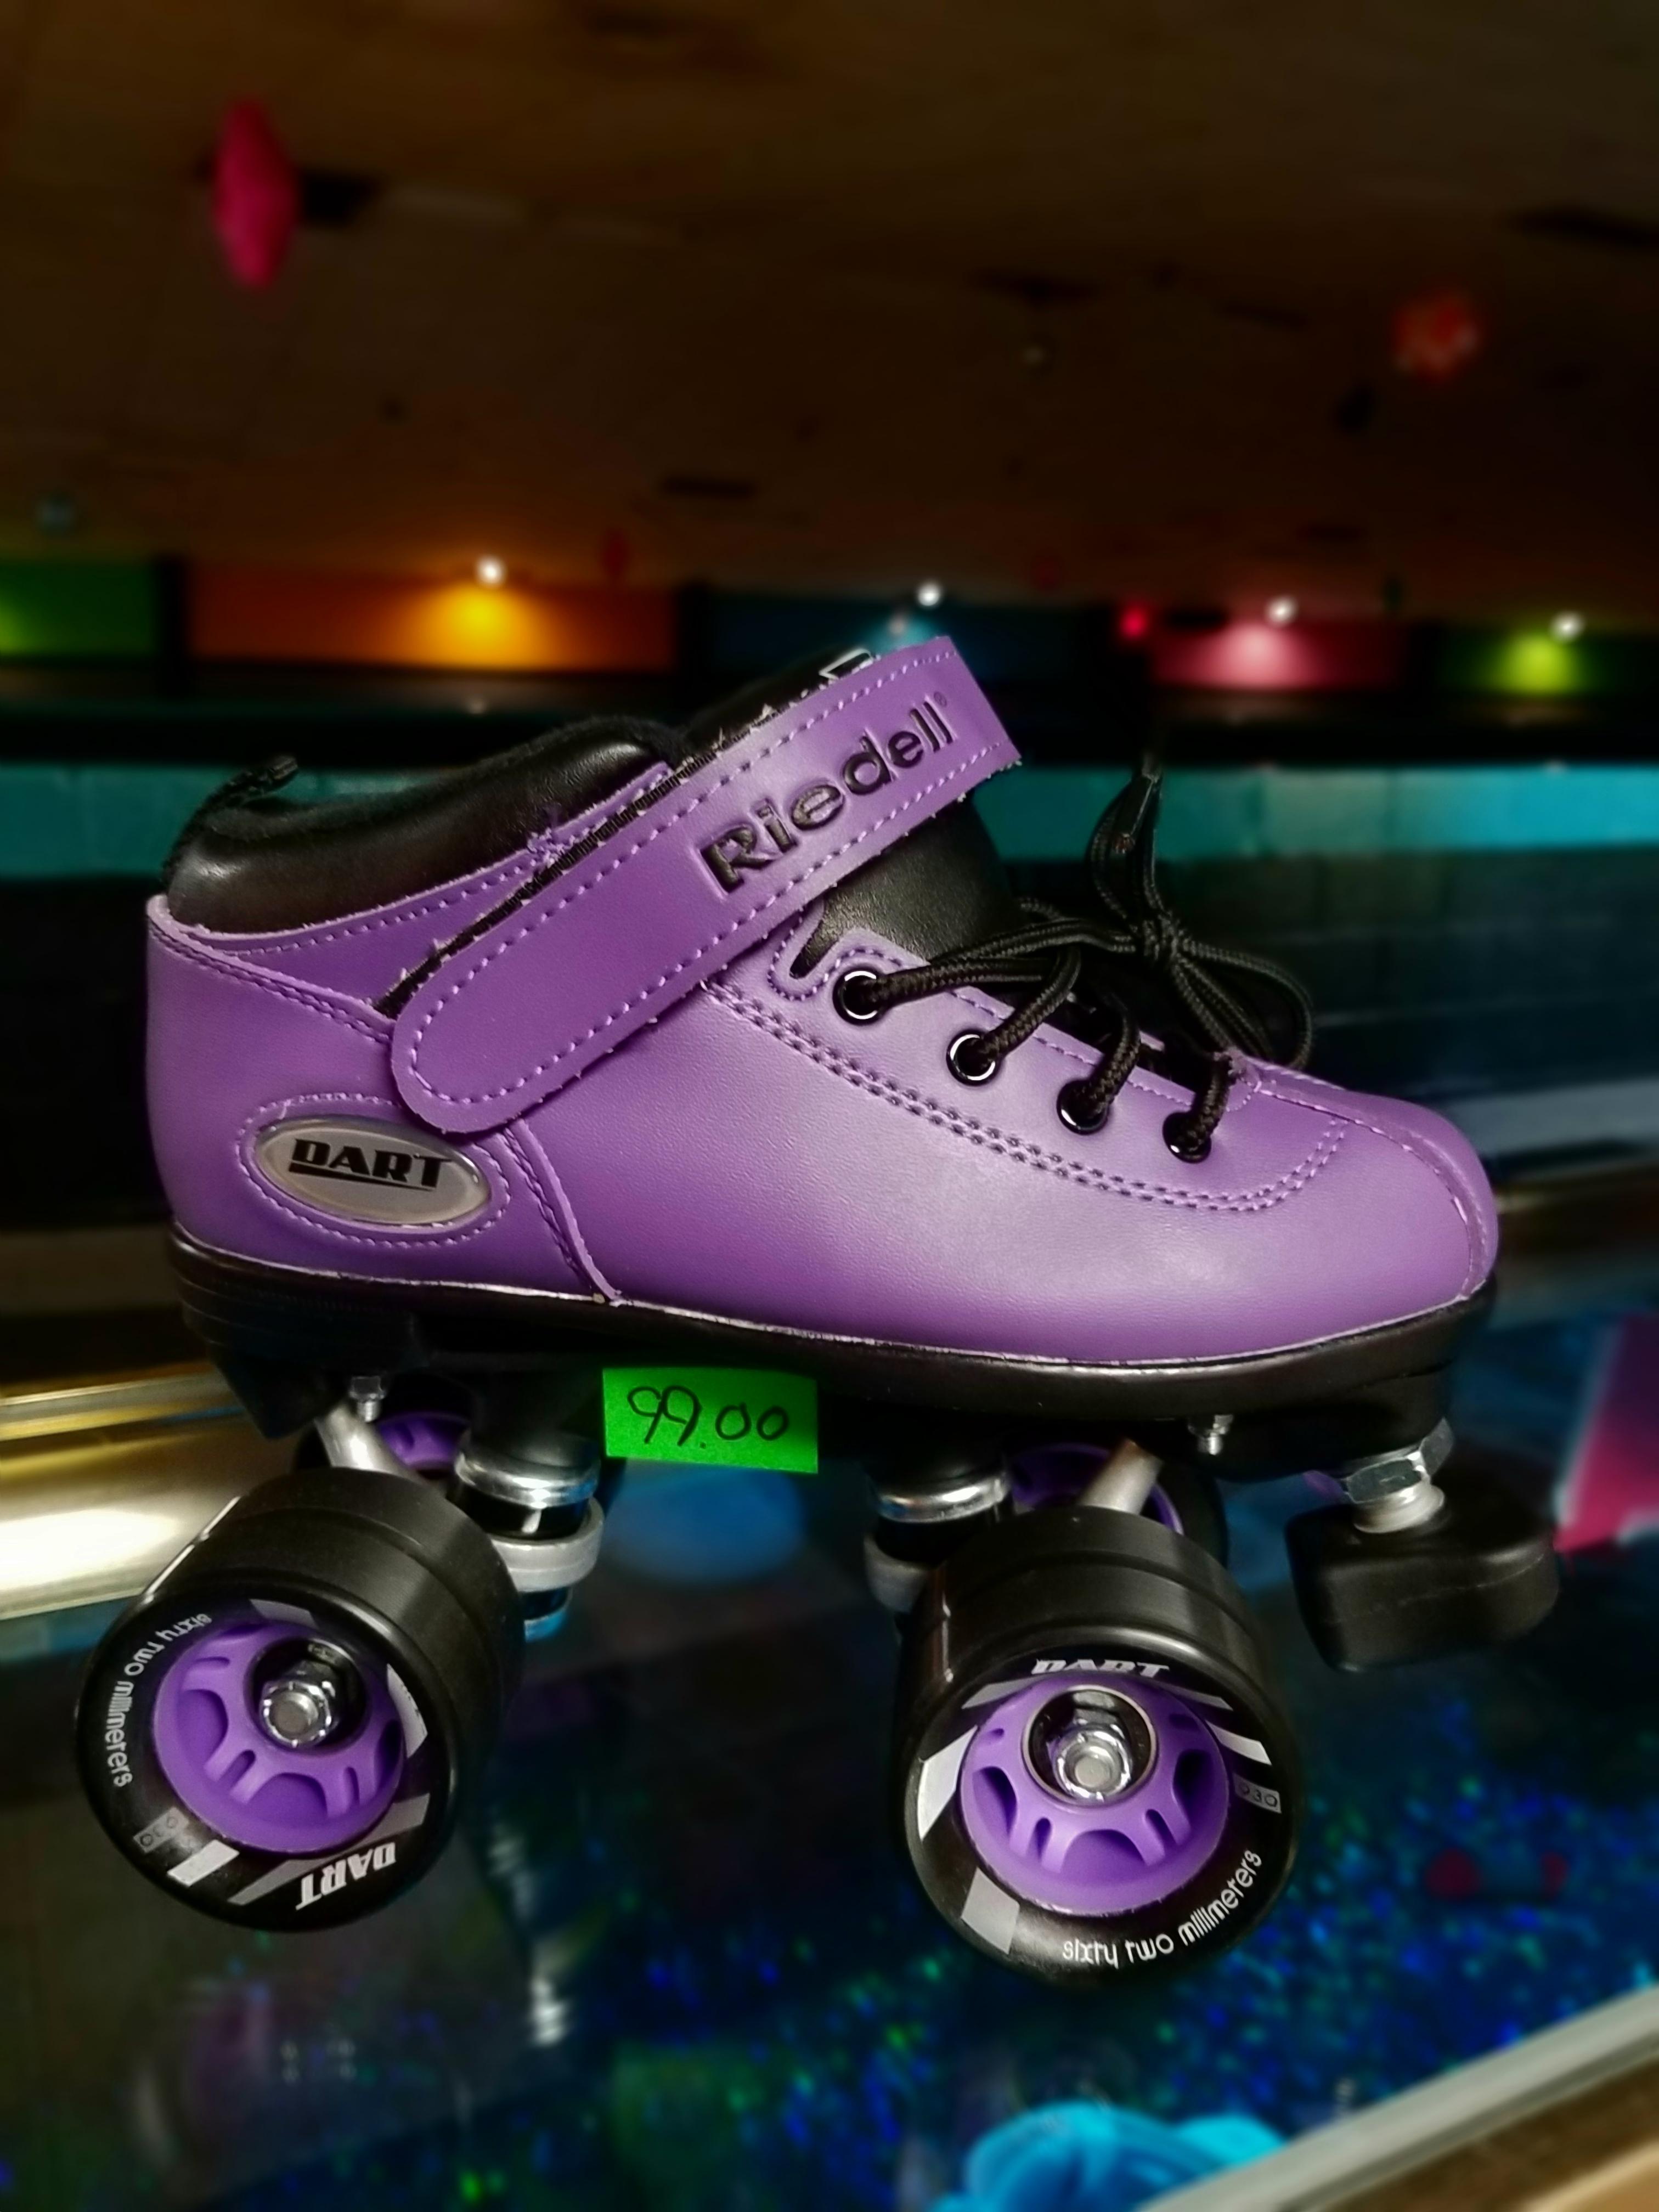 Roller skating maryville tn